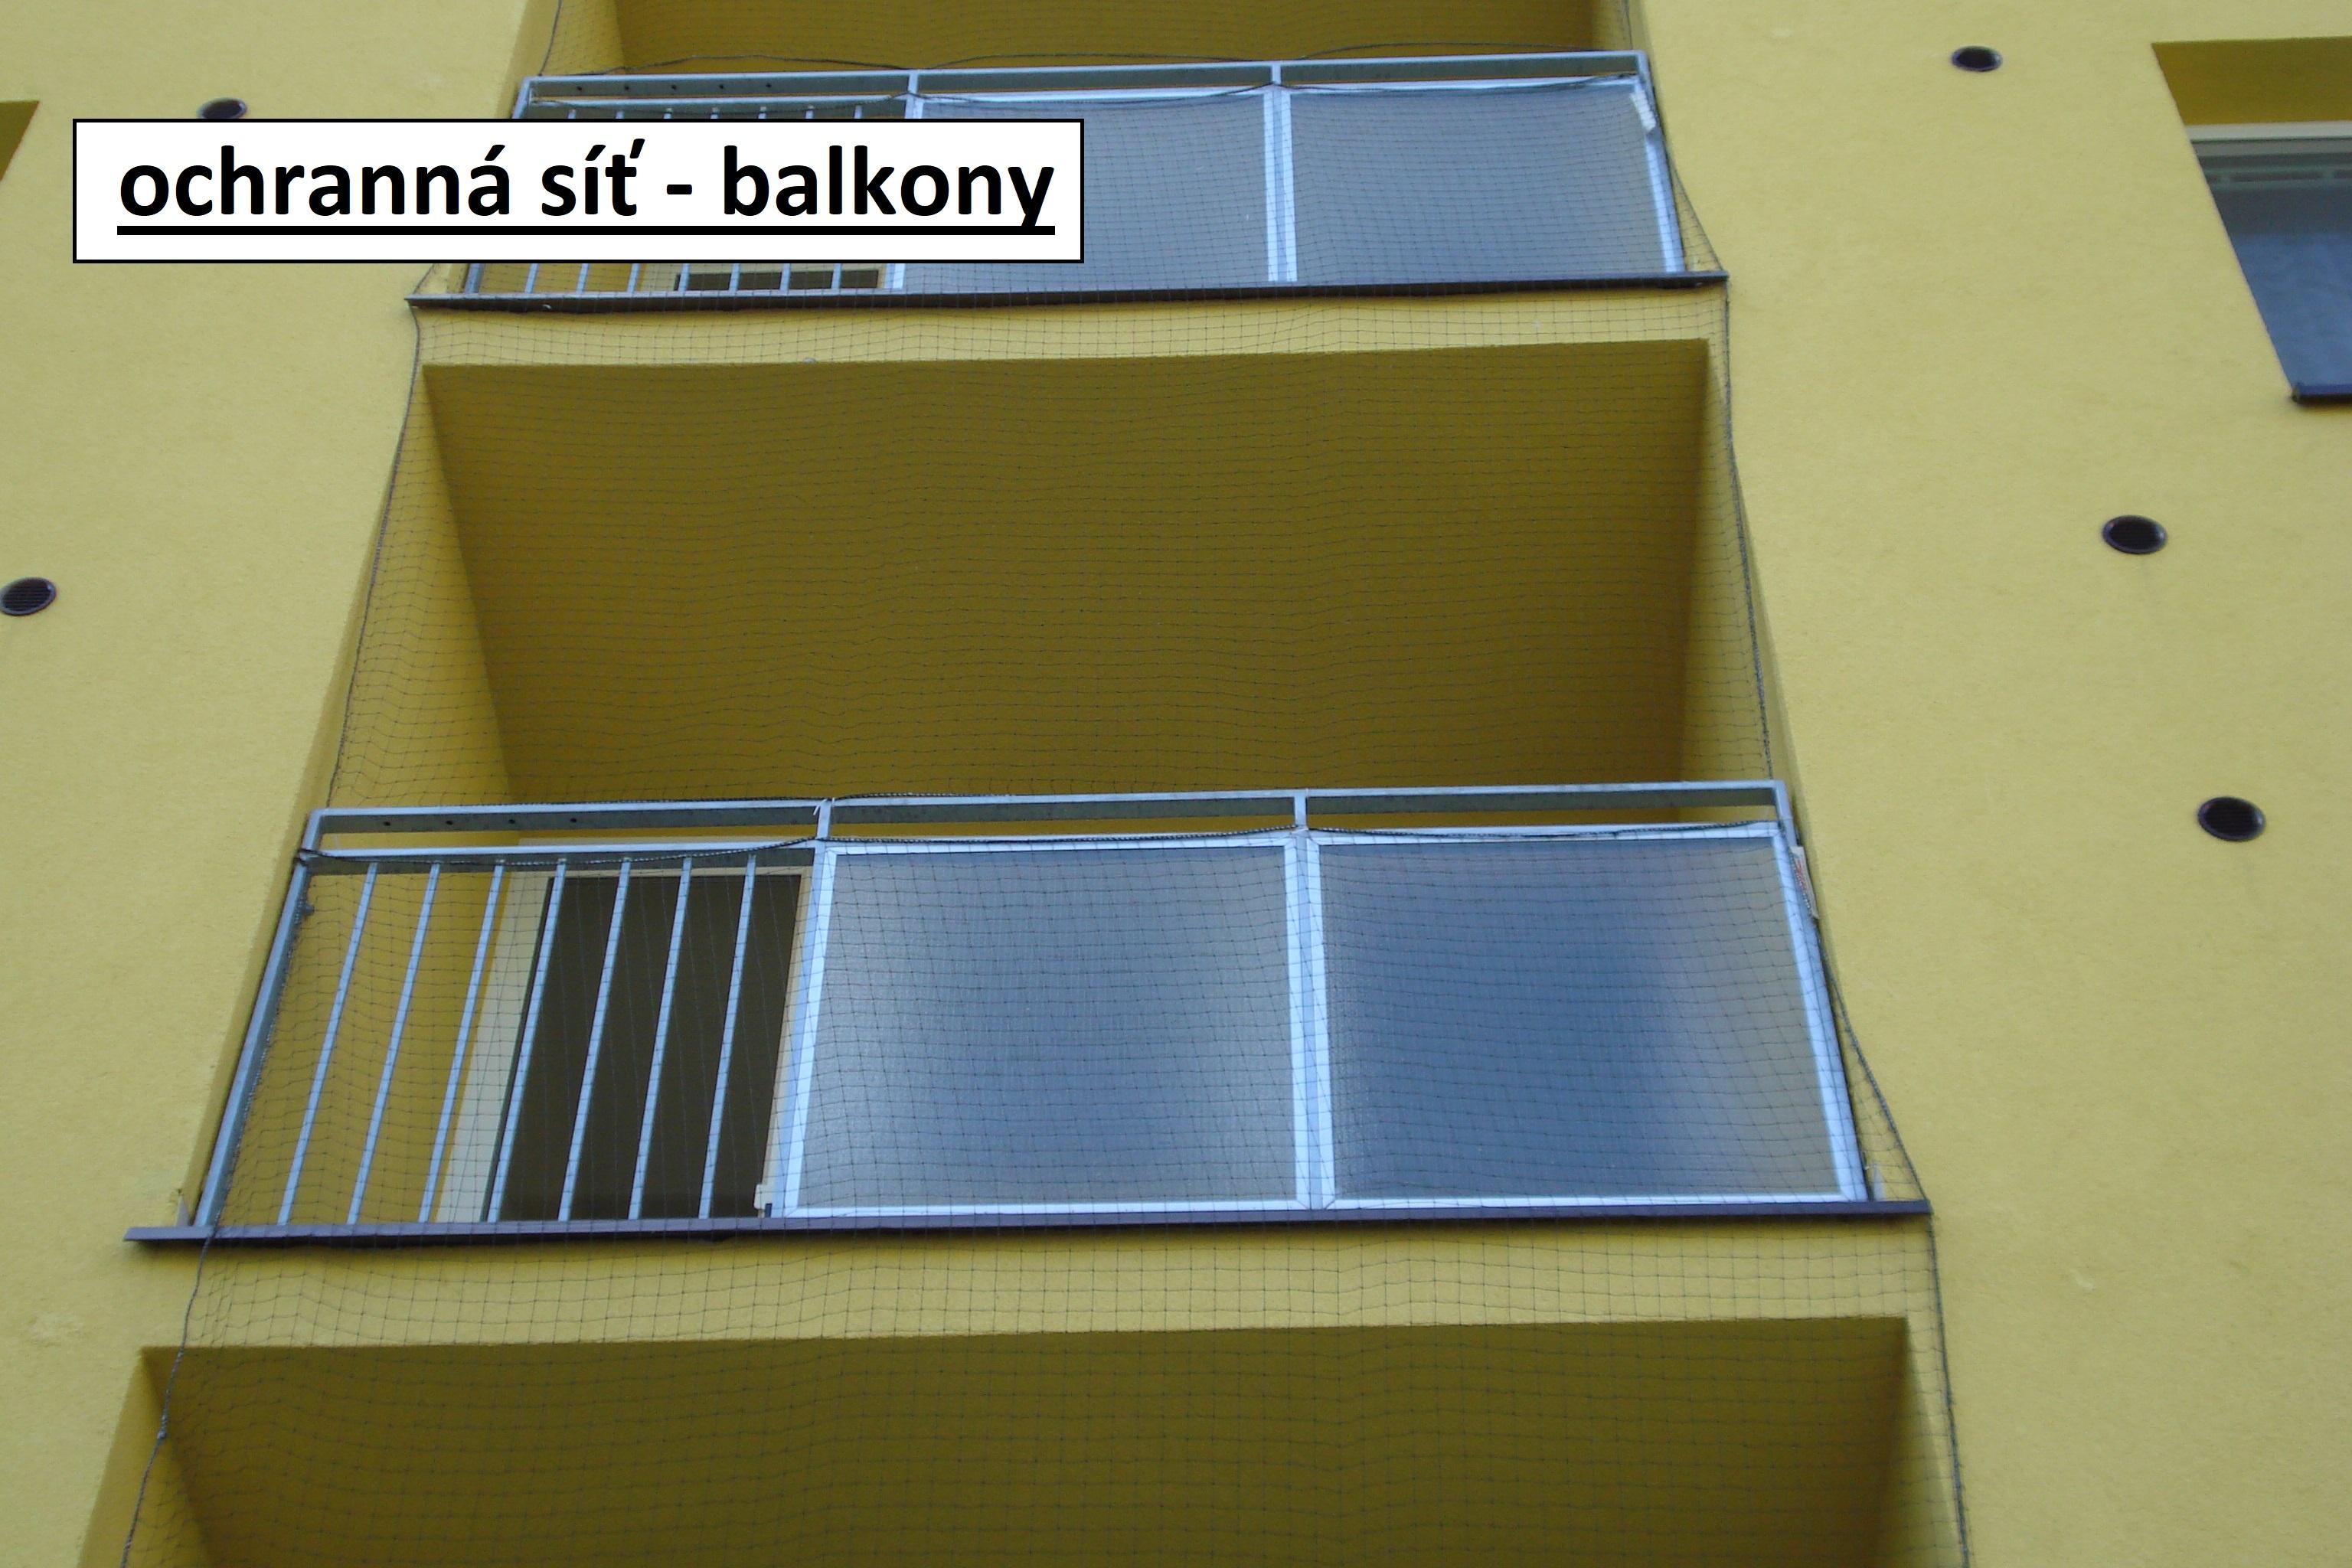 ochranná síť - balkonu